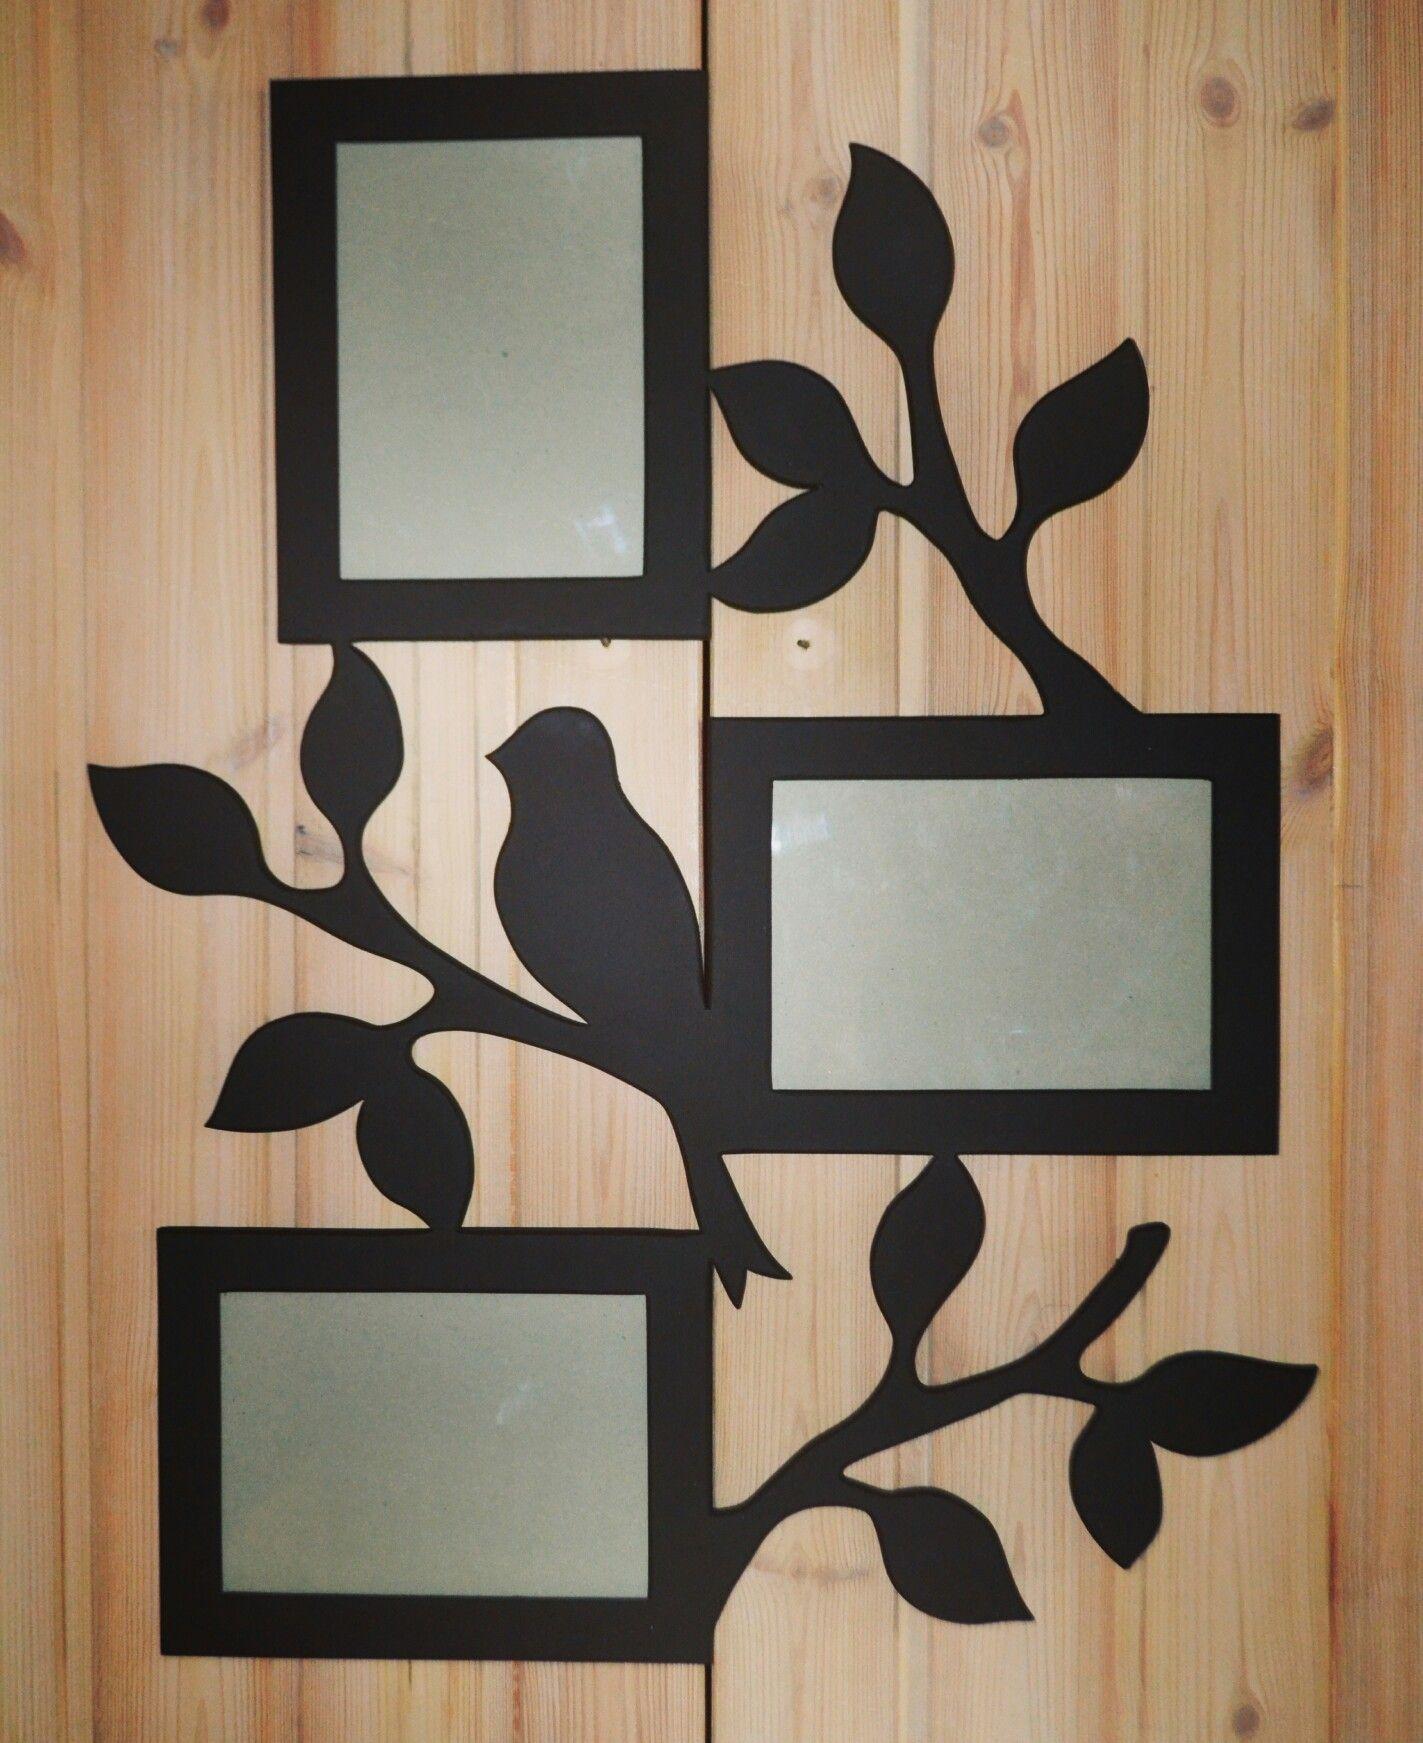 гараж предпочтительней рамки из дерева для фотографий декор меньшем пространстве обречены